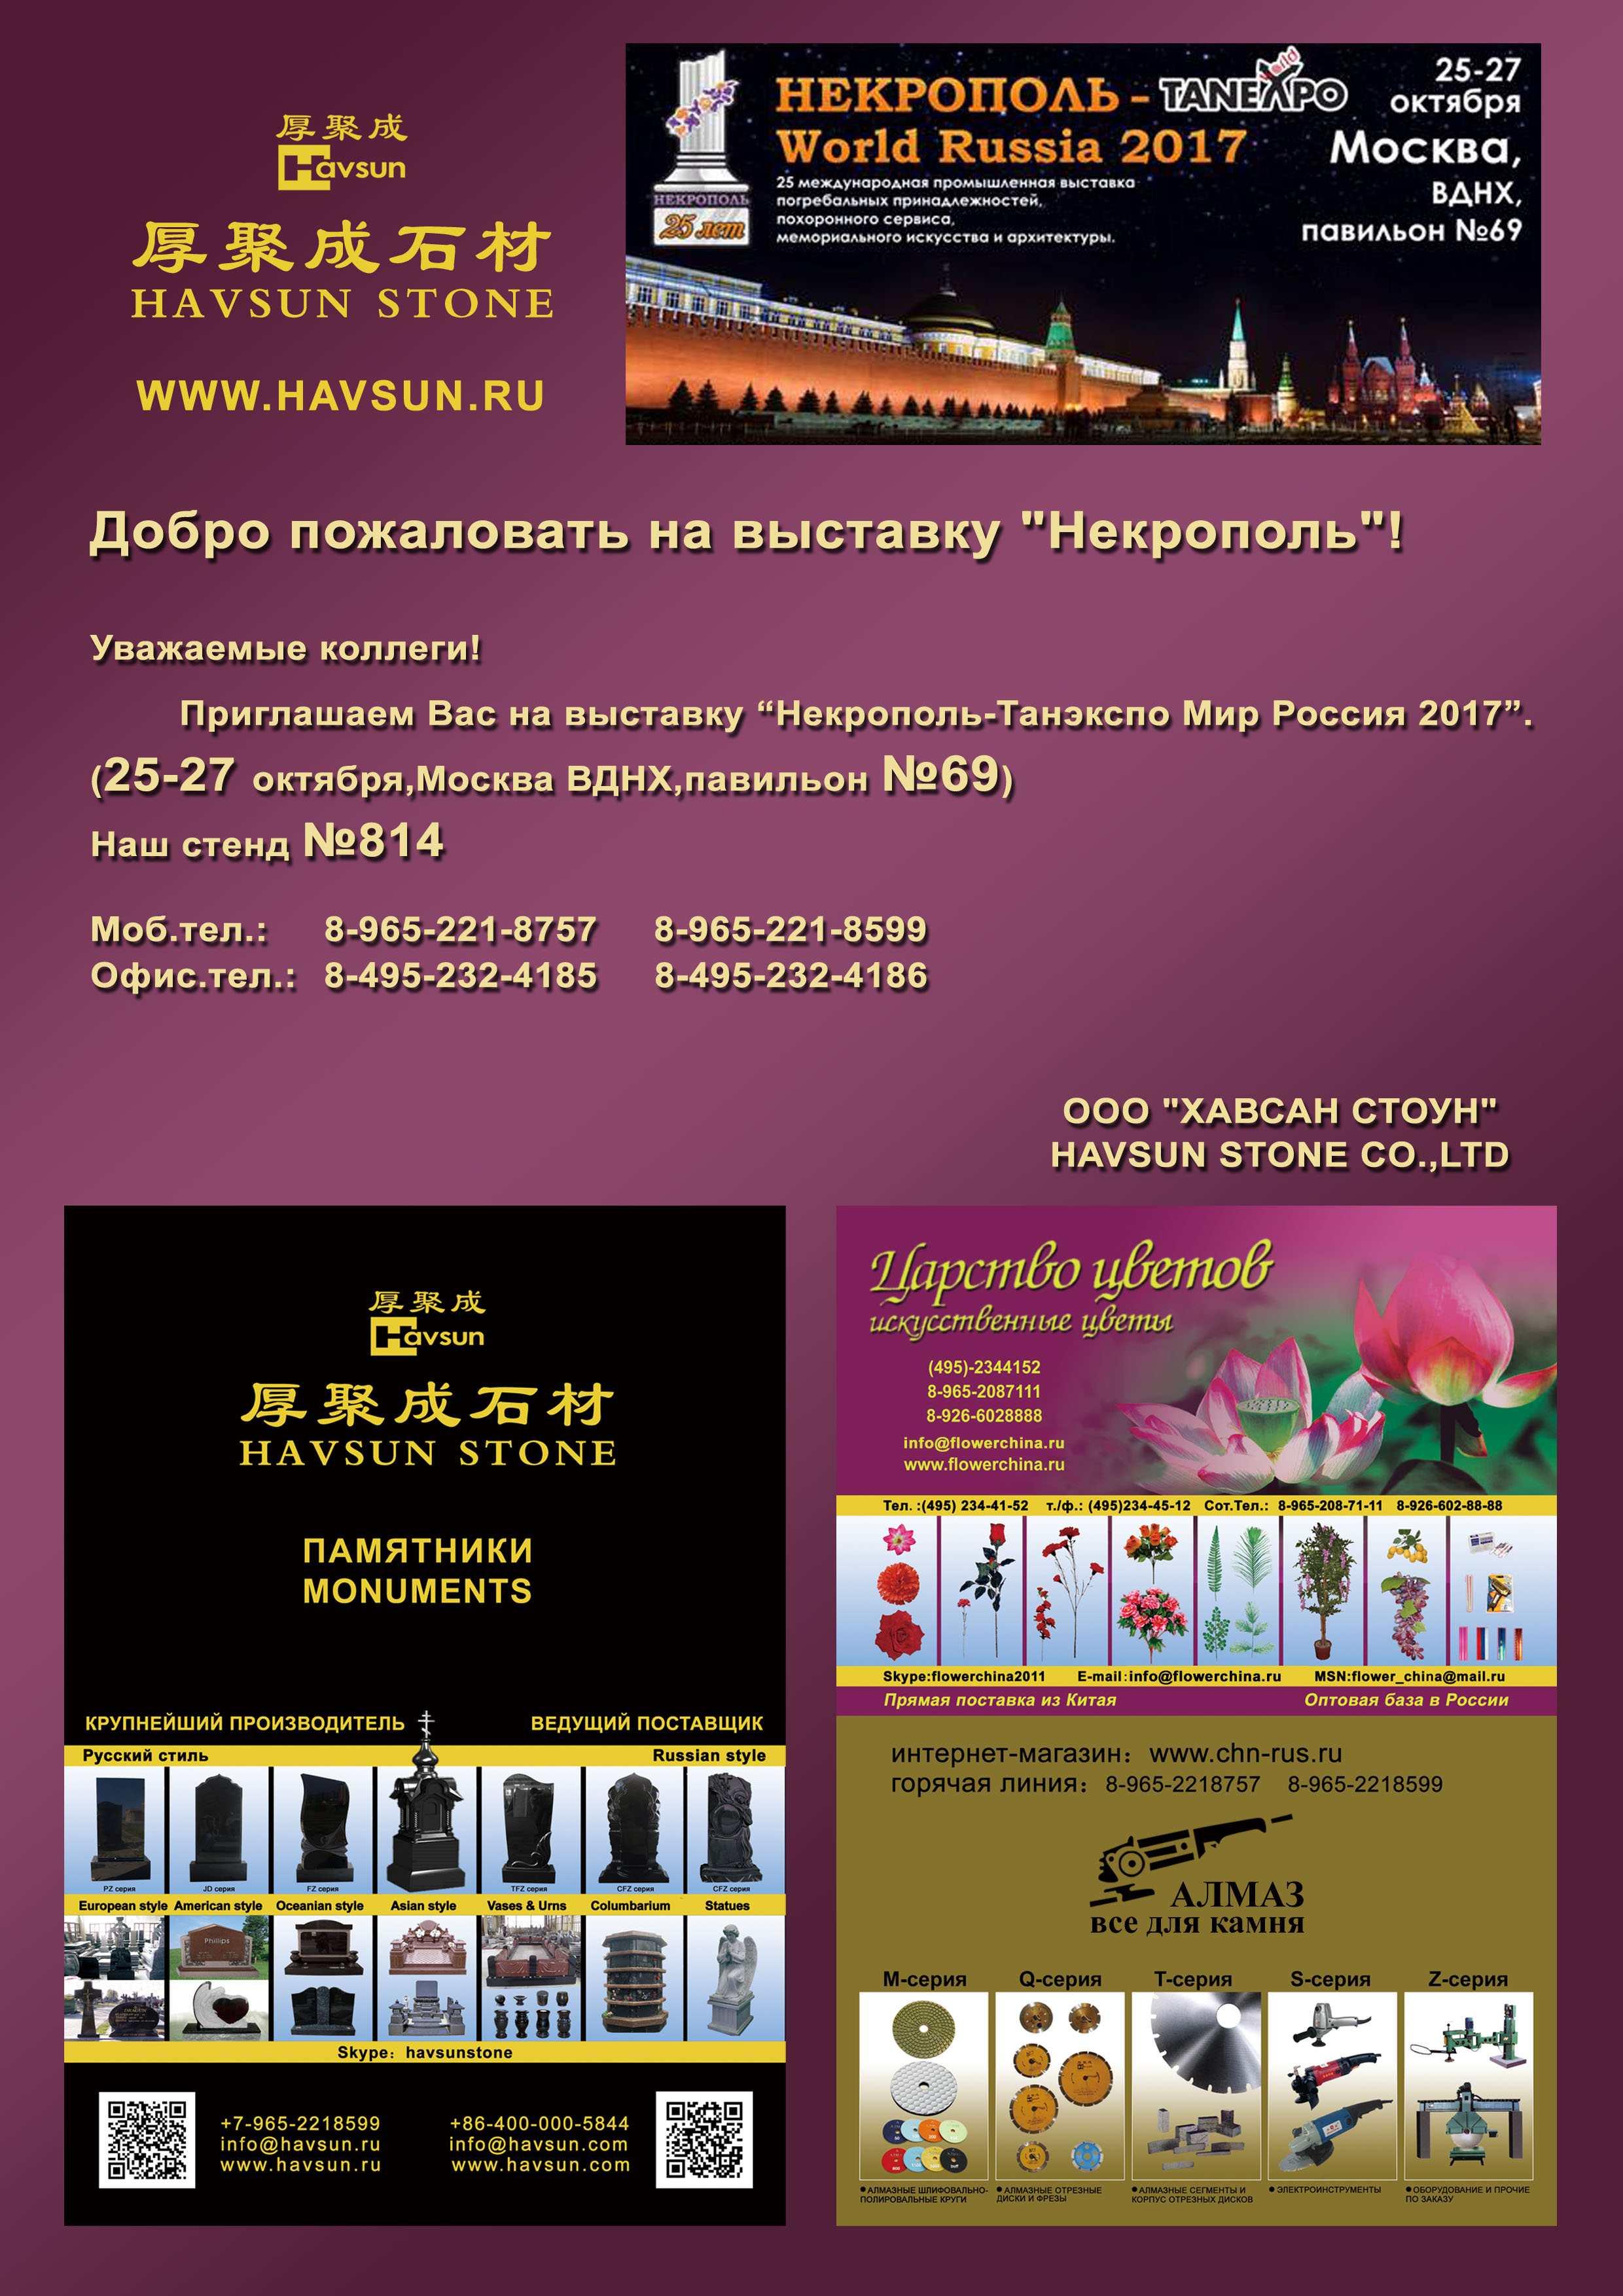 Приглашение на выставку Некрополь